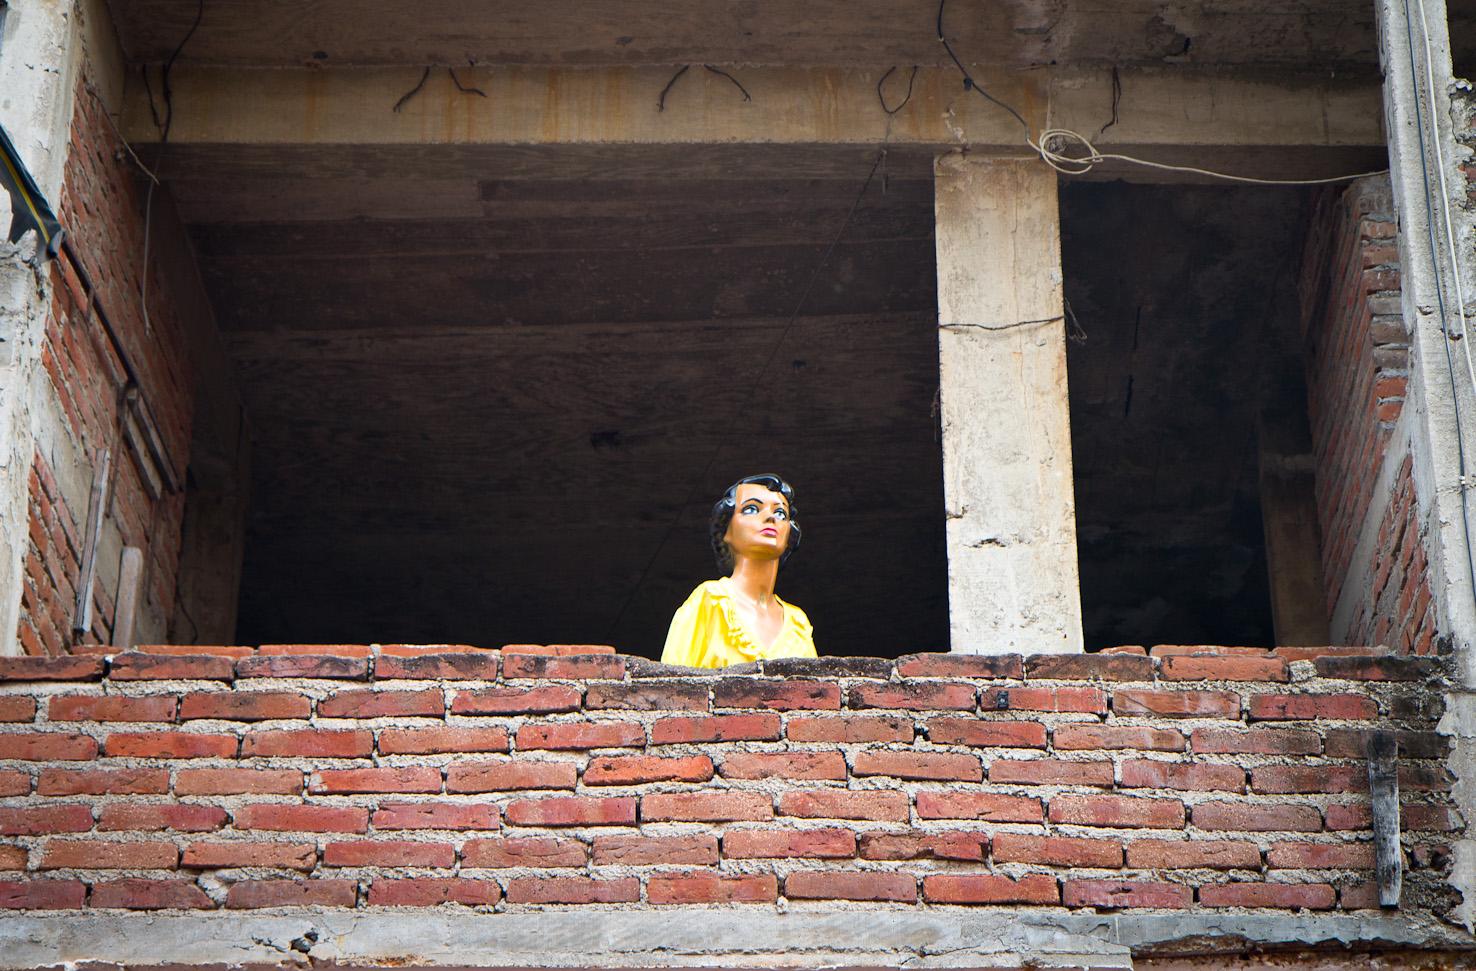 girl in the open window